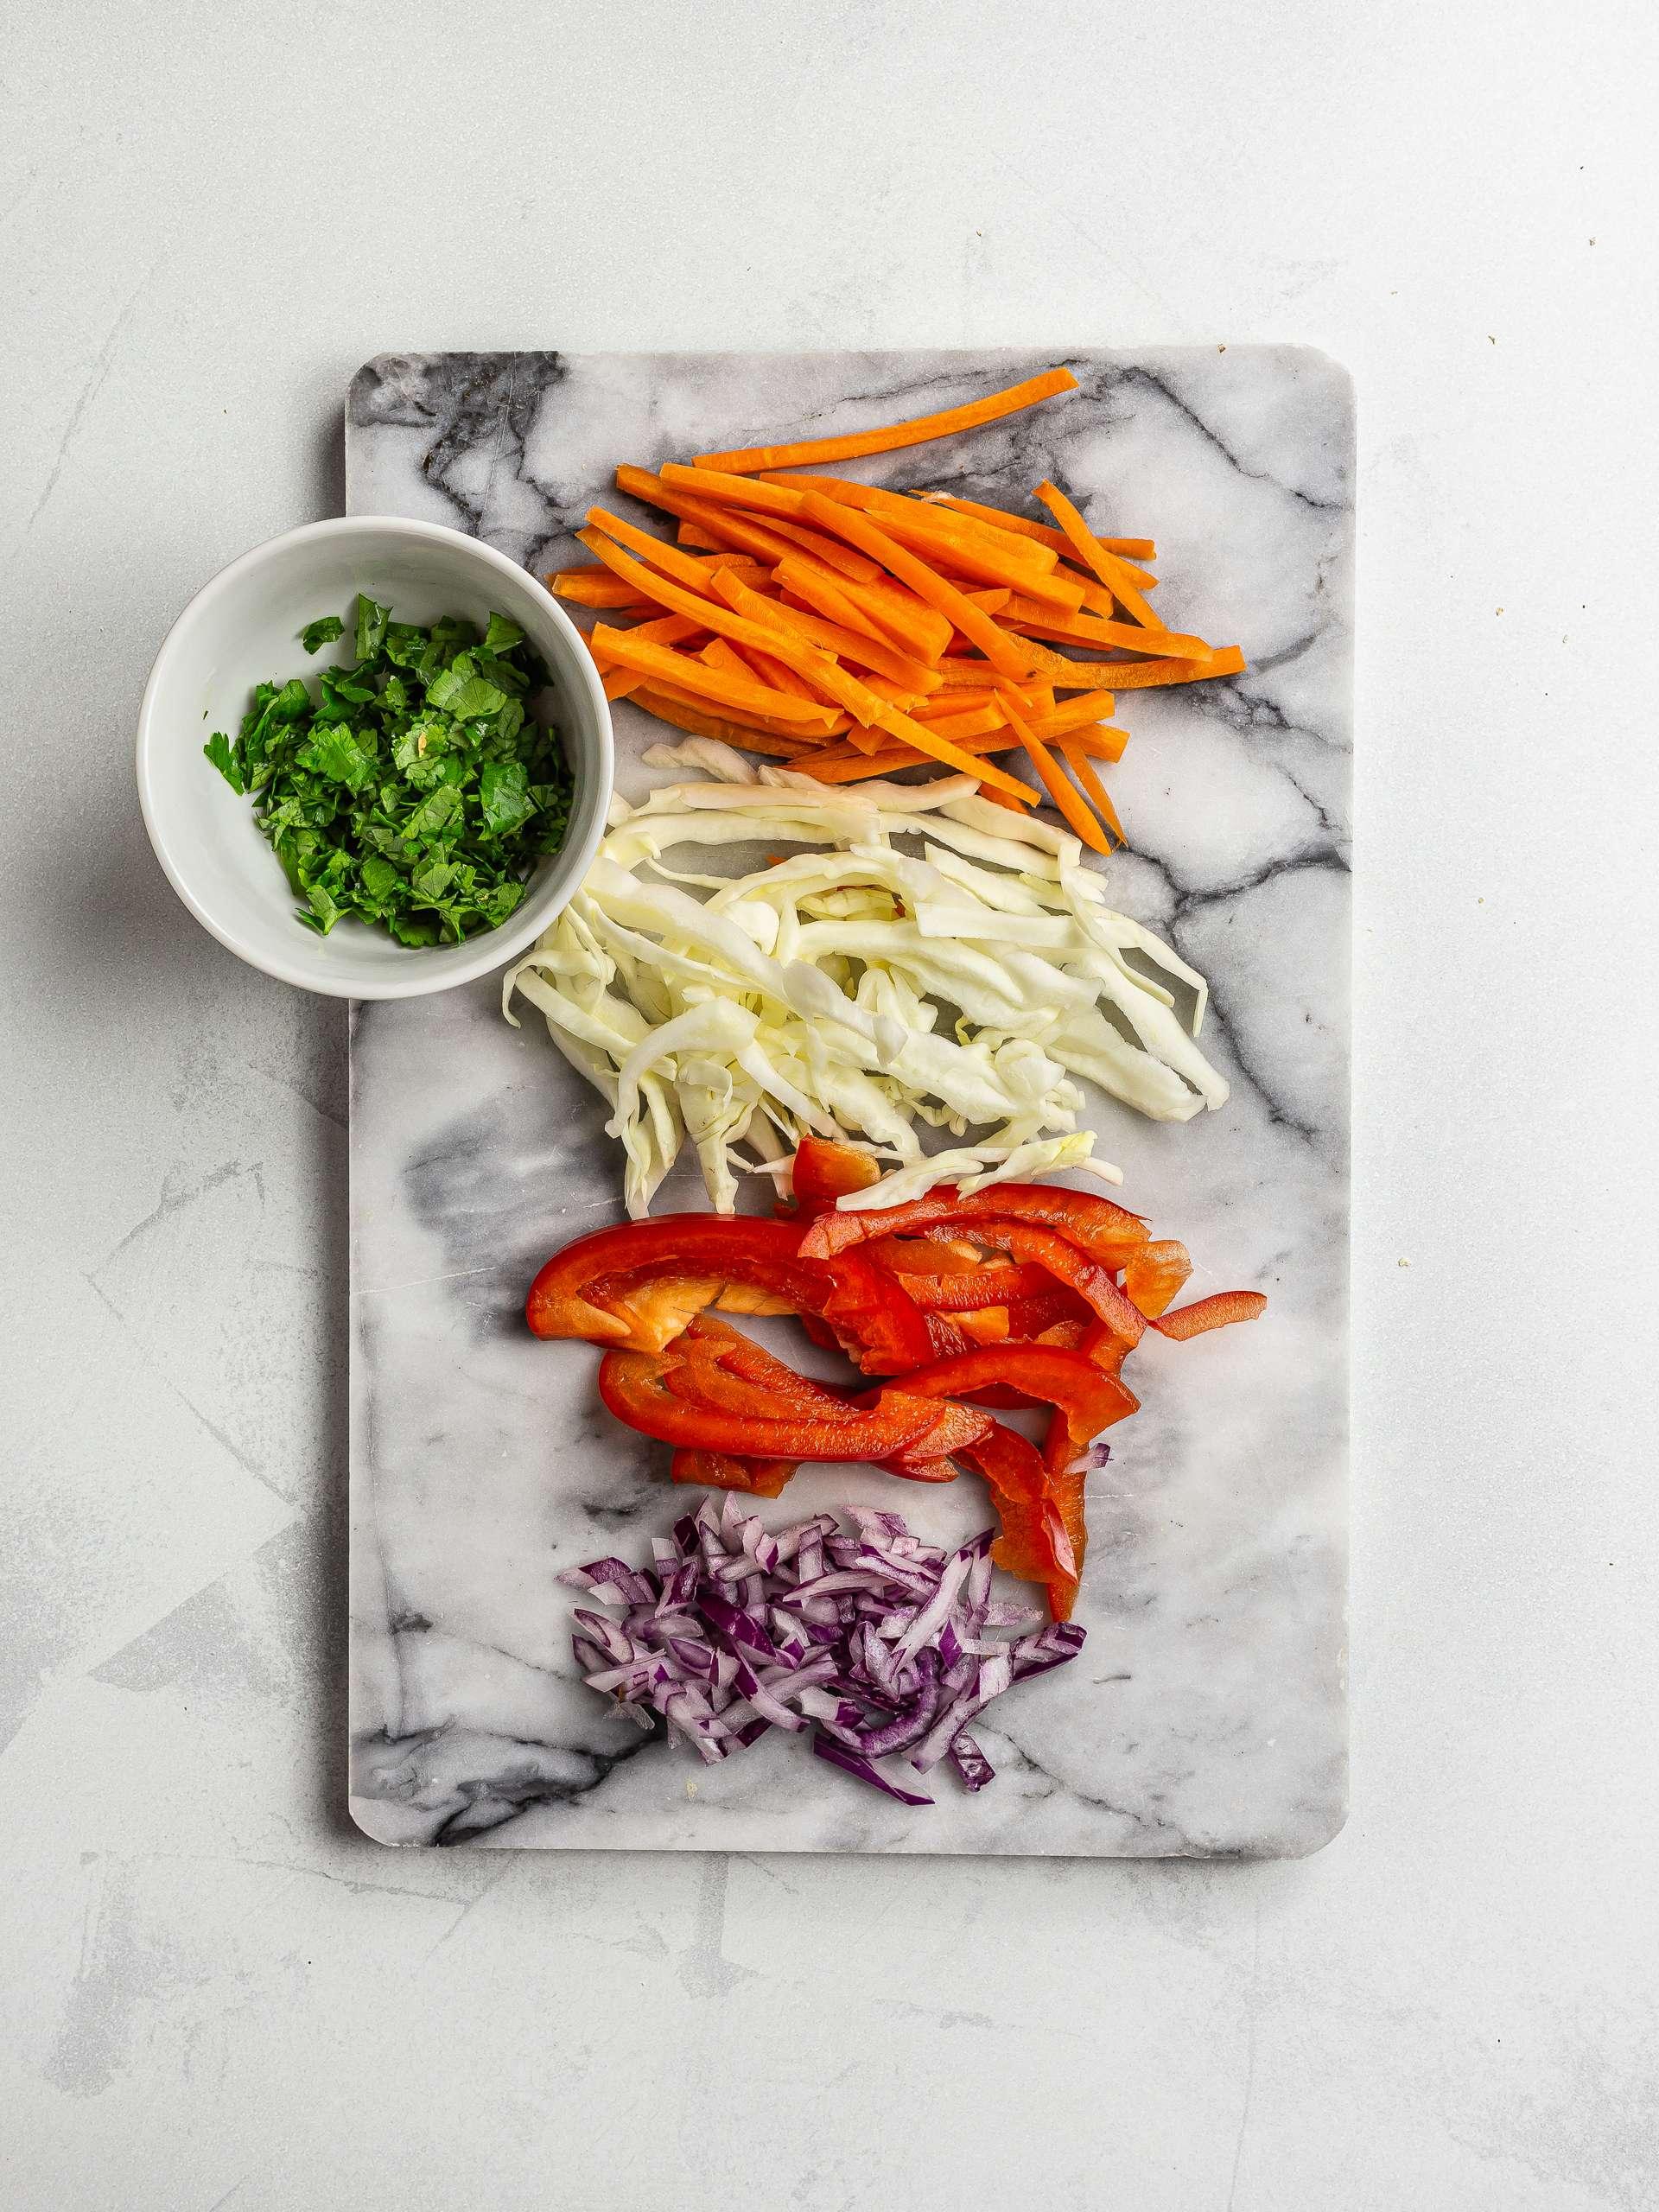 sliced vegetables for coleslaw